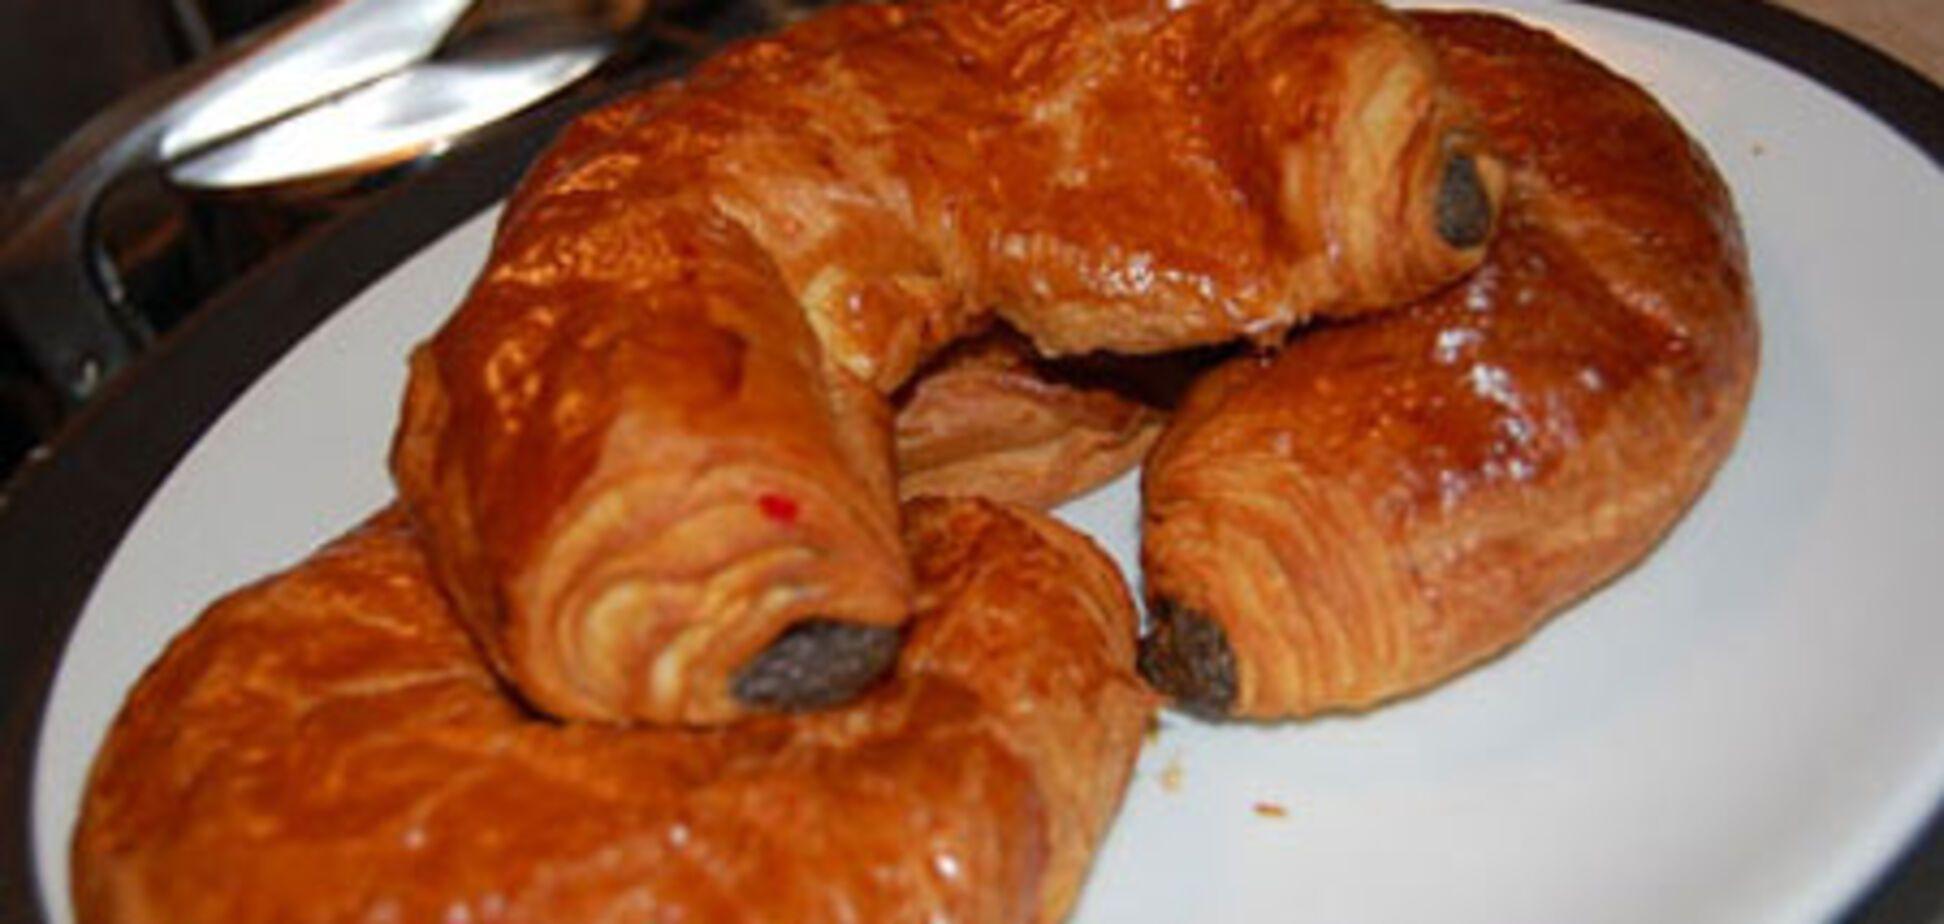 В меню кафе-кондитерских «Волконский Кейзер» появились новые, традиционные украинские булочки